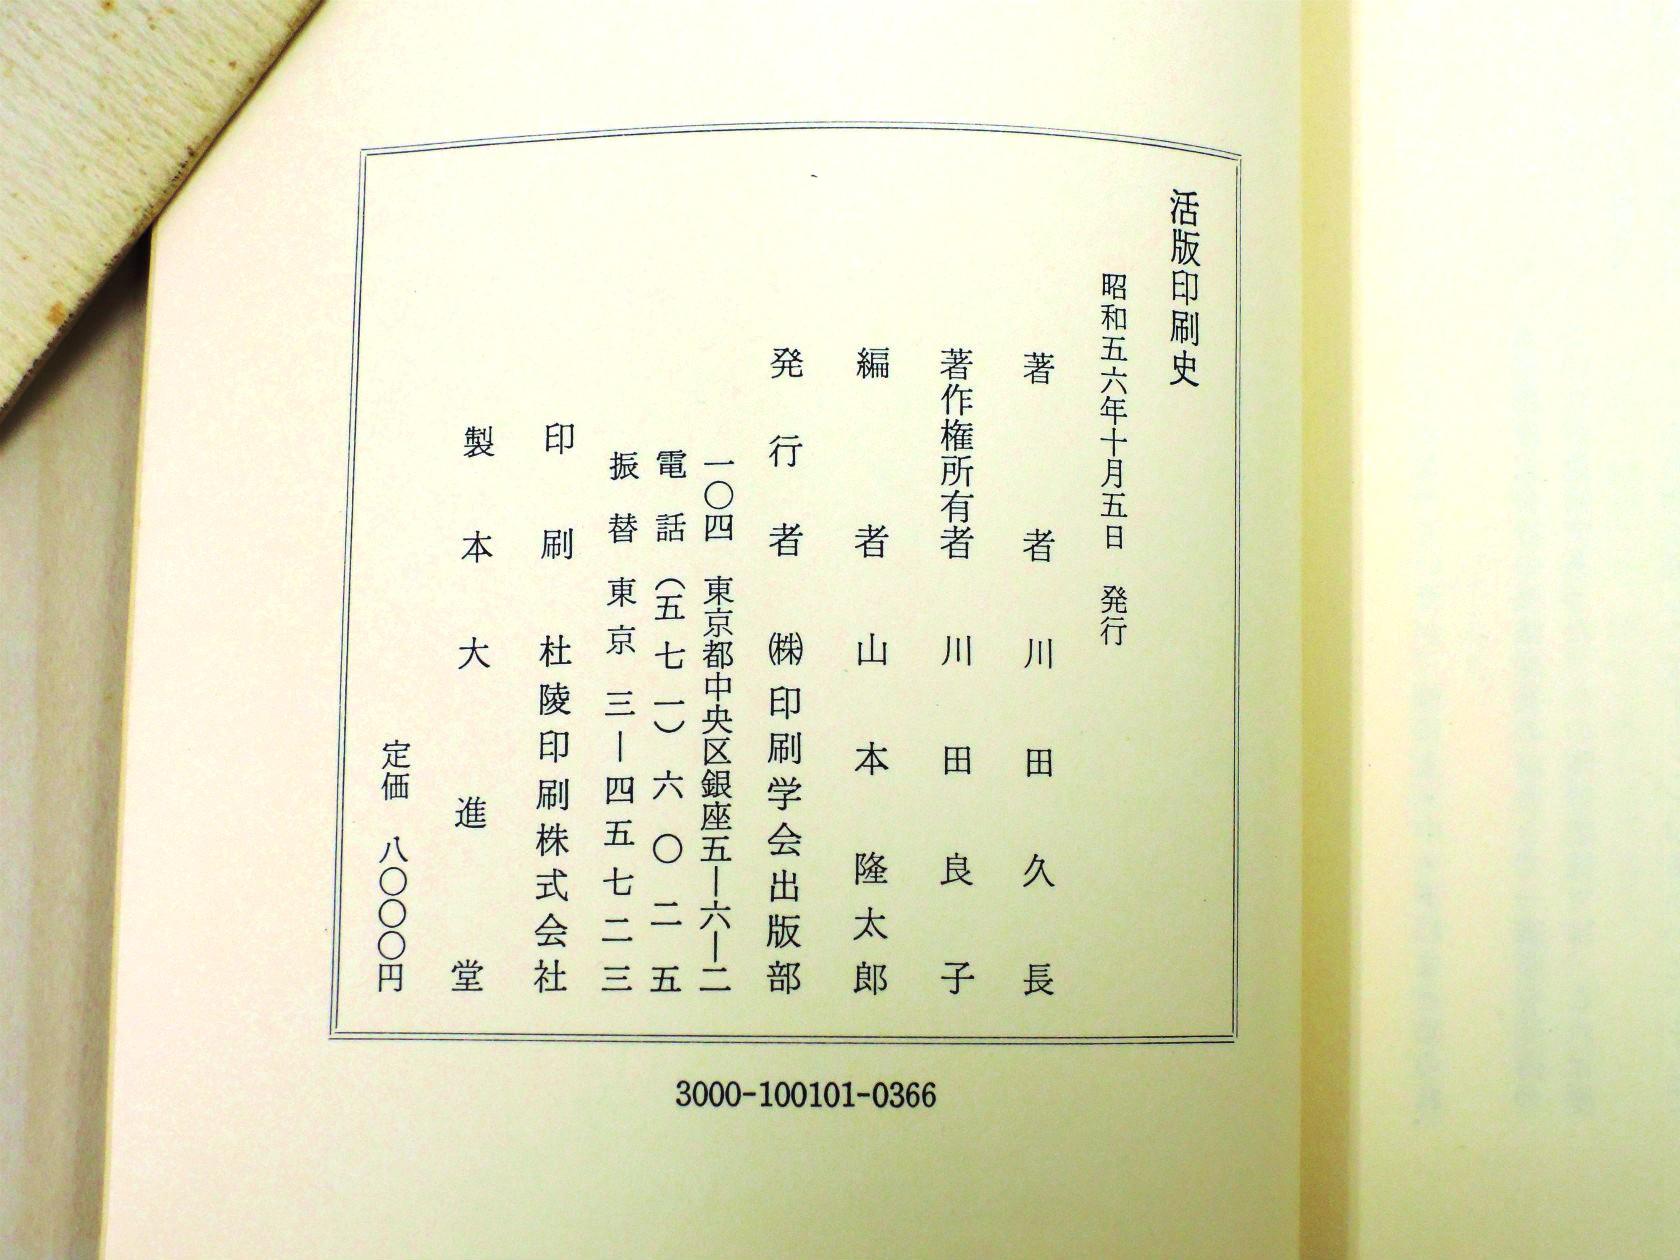 DSCN3970